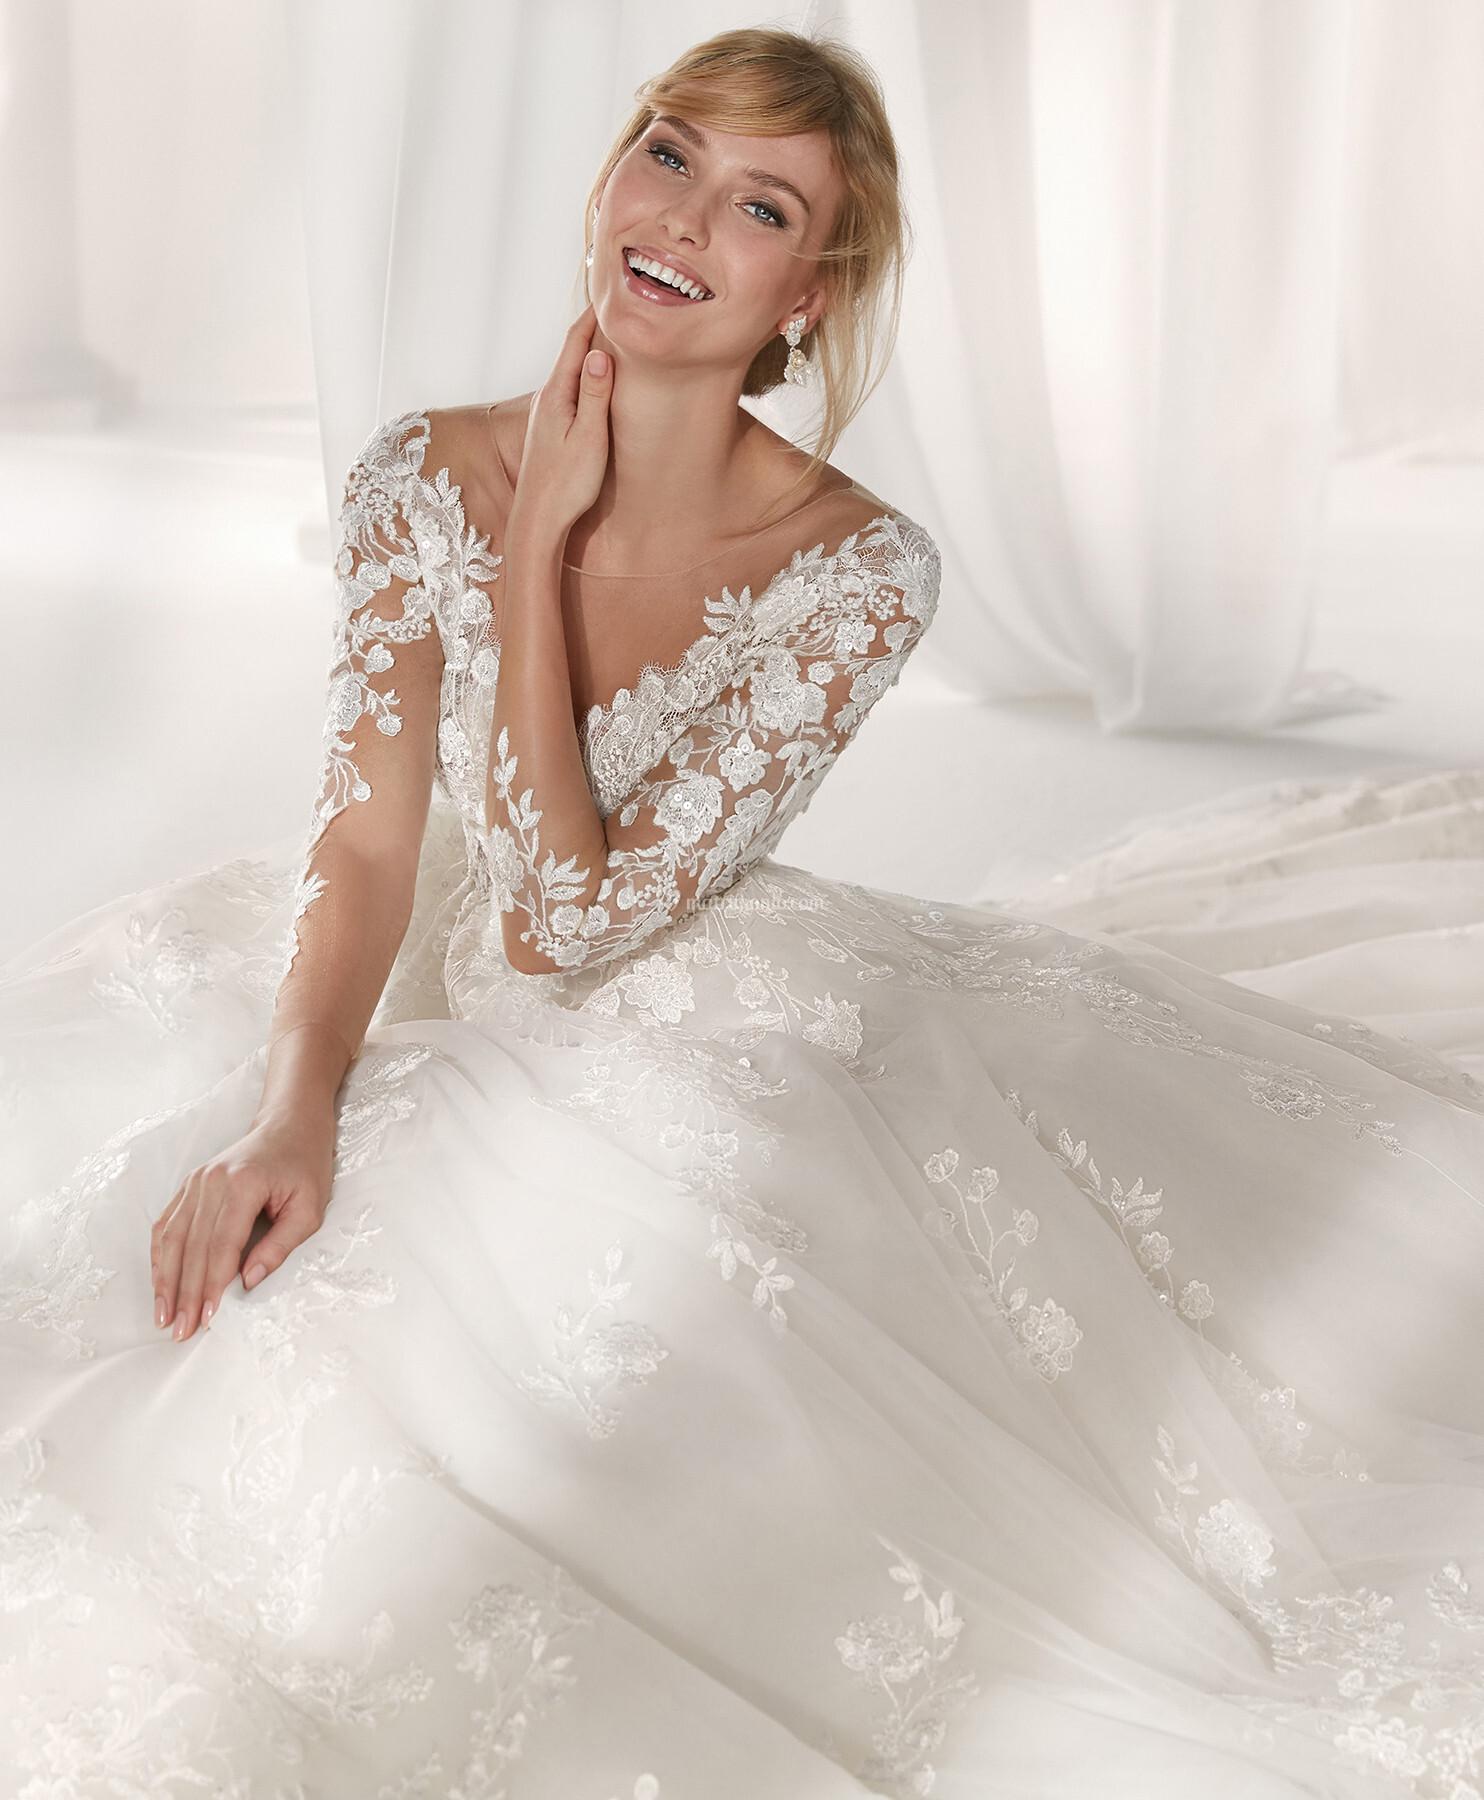 e3b97cf4b39f Abiti da Sposa di Nicole - 2019 - Matrimonio.com